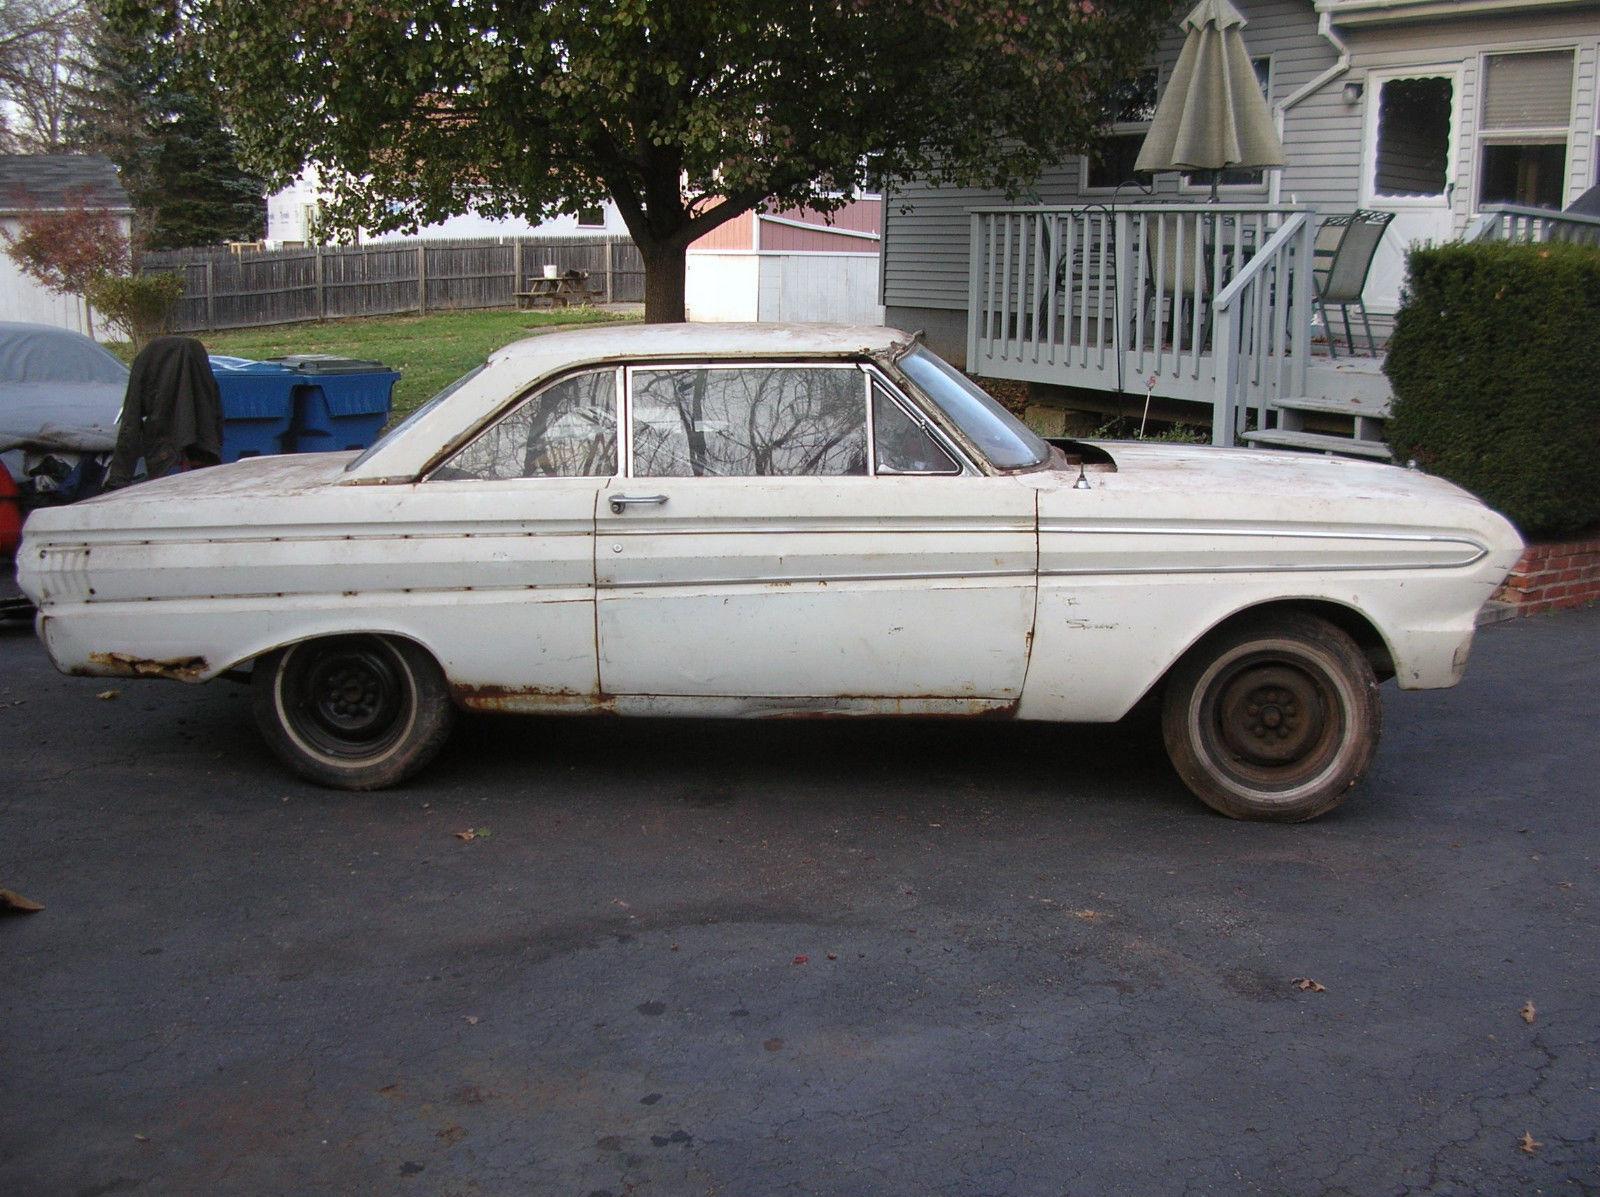 1964 Ford Falcon Sprint Hardtop Classic For Sale Futura